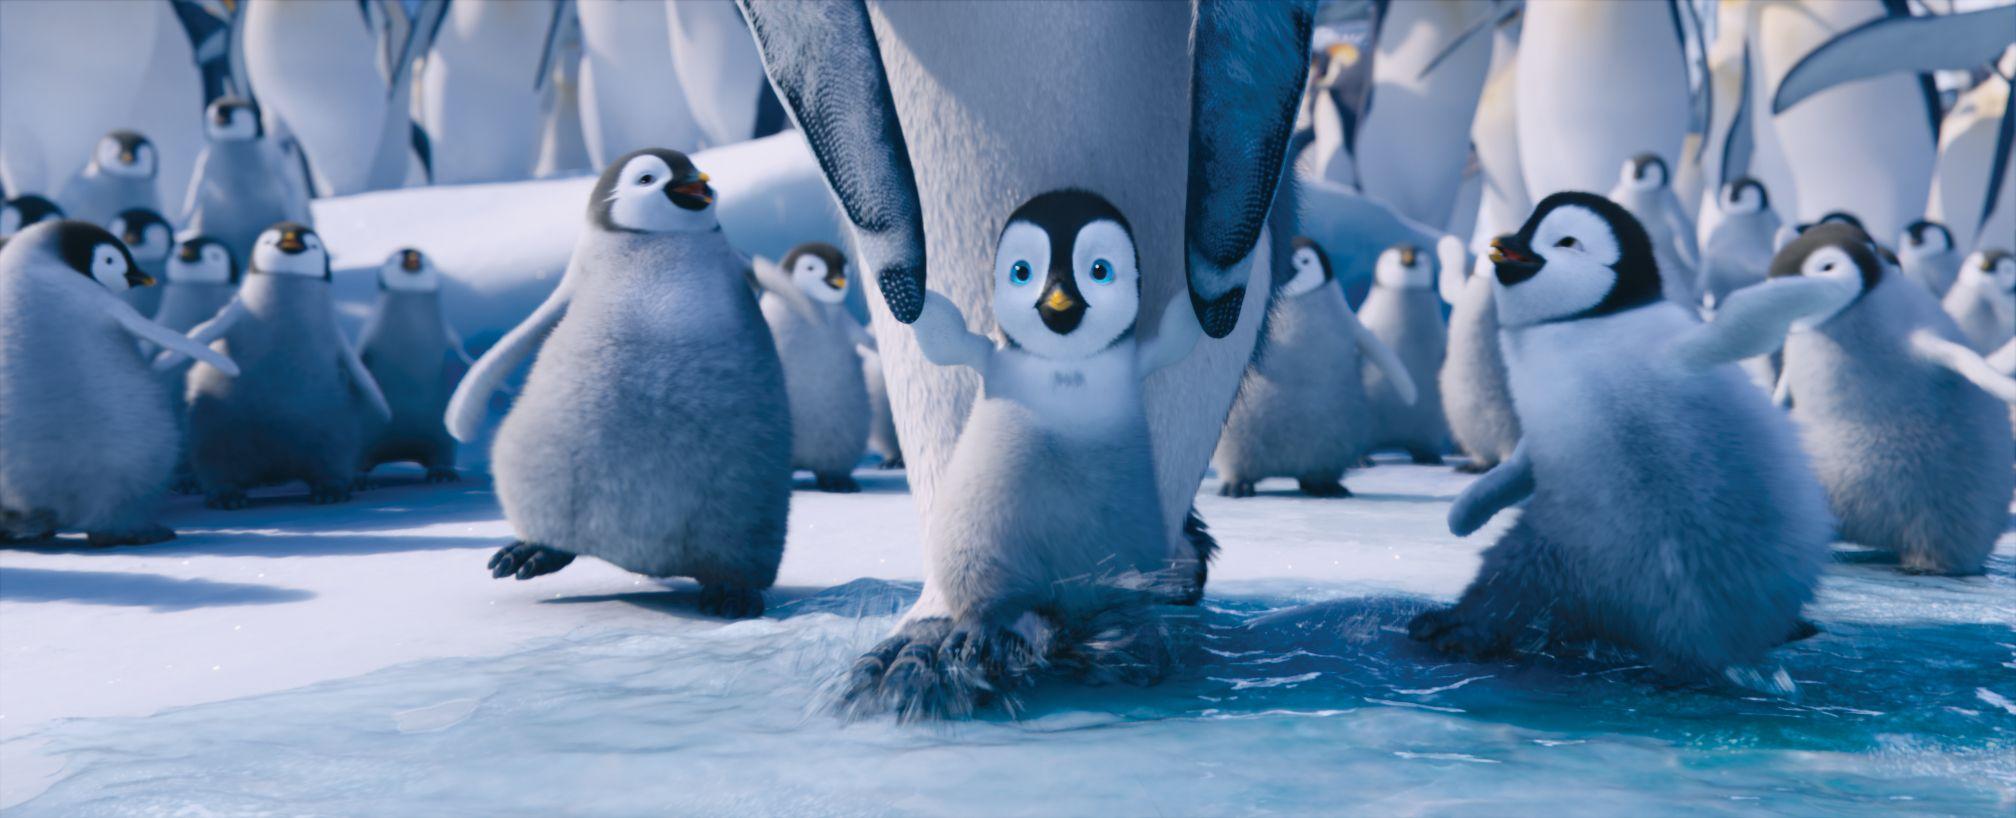 кадры из фильма Делай ноги 2 в 3D